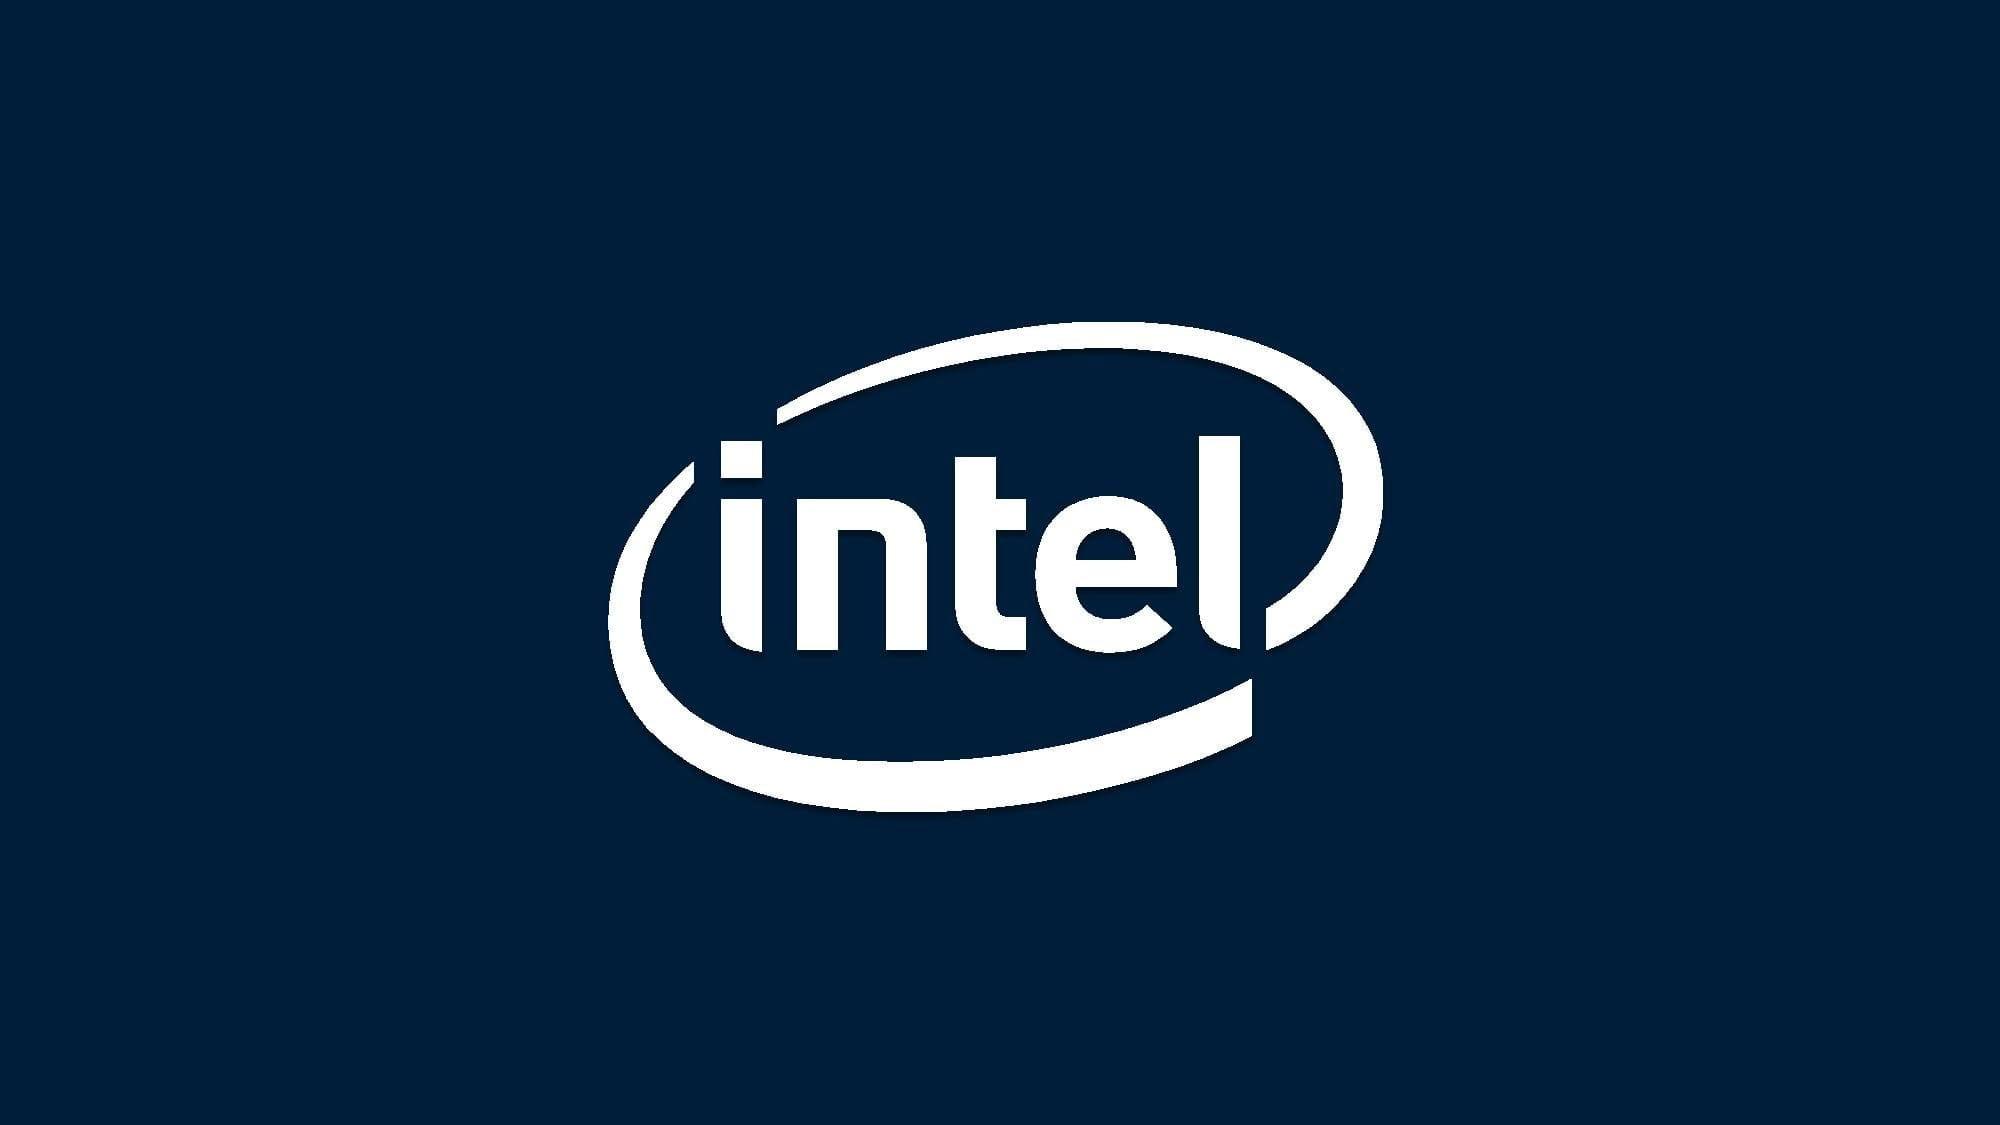 Чтобы разгрузить свои заводы, Intel может обратится к TSMC или Samsung